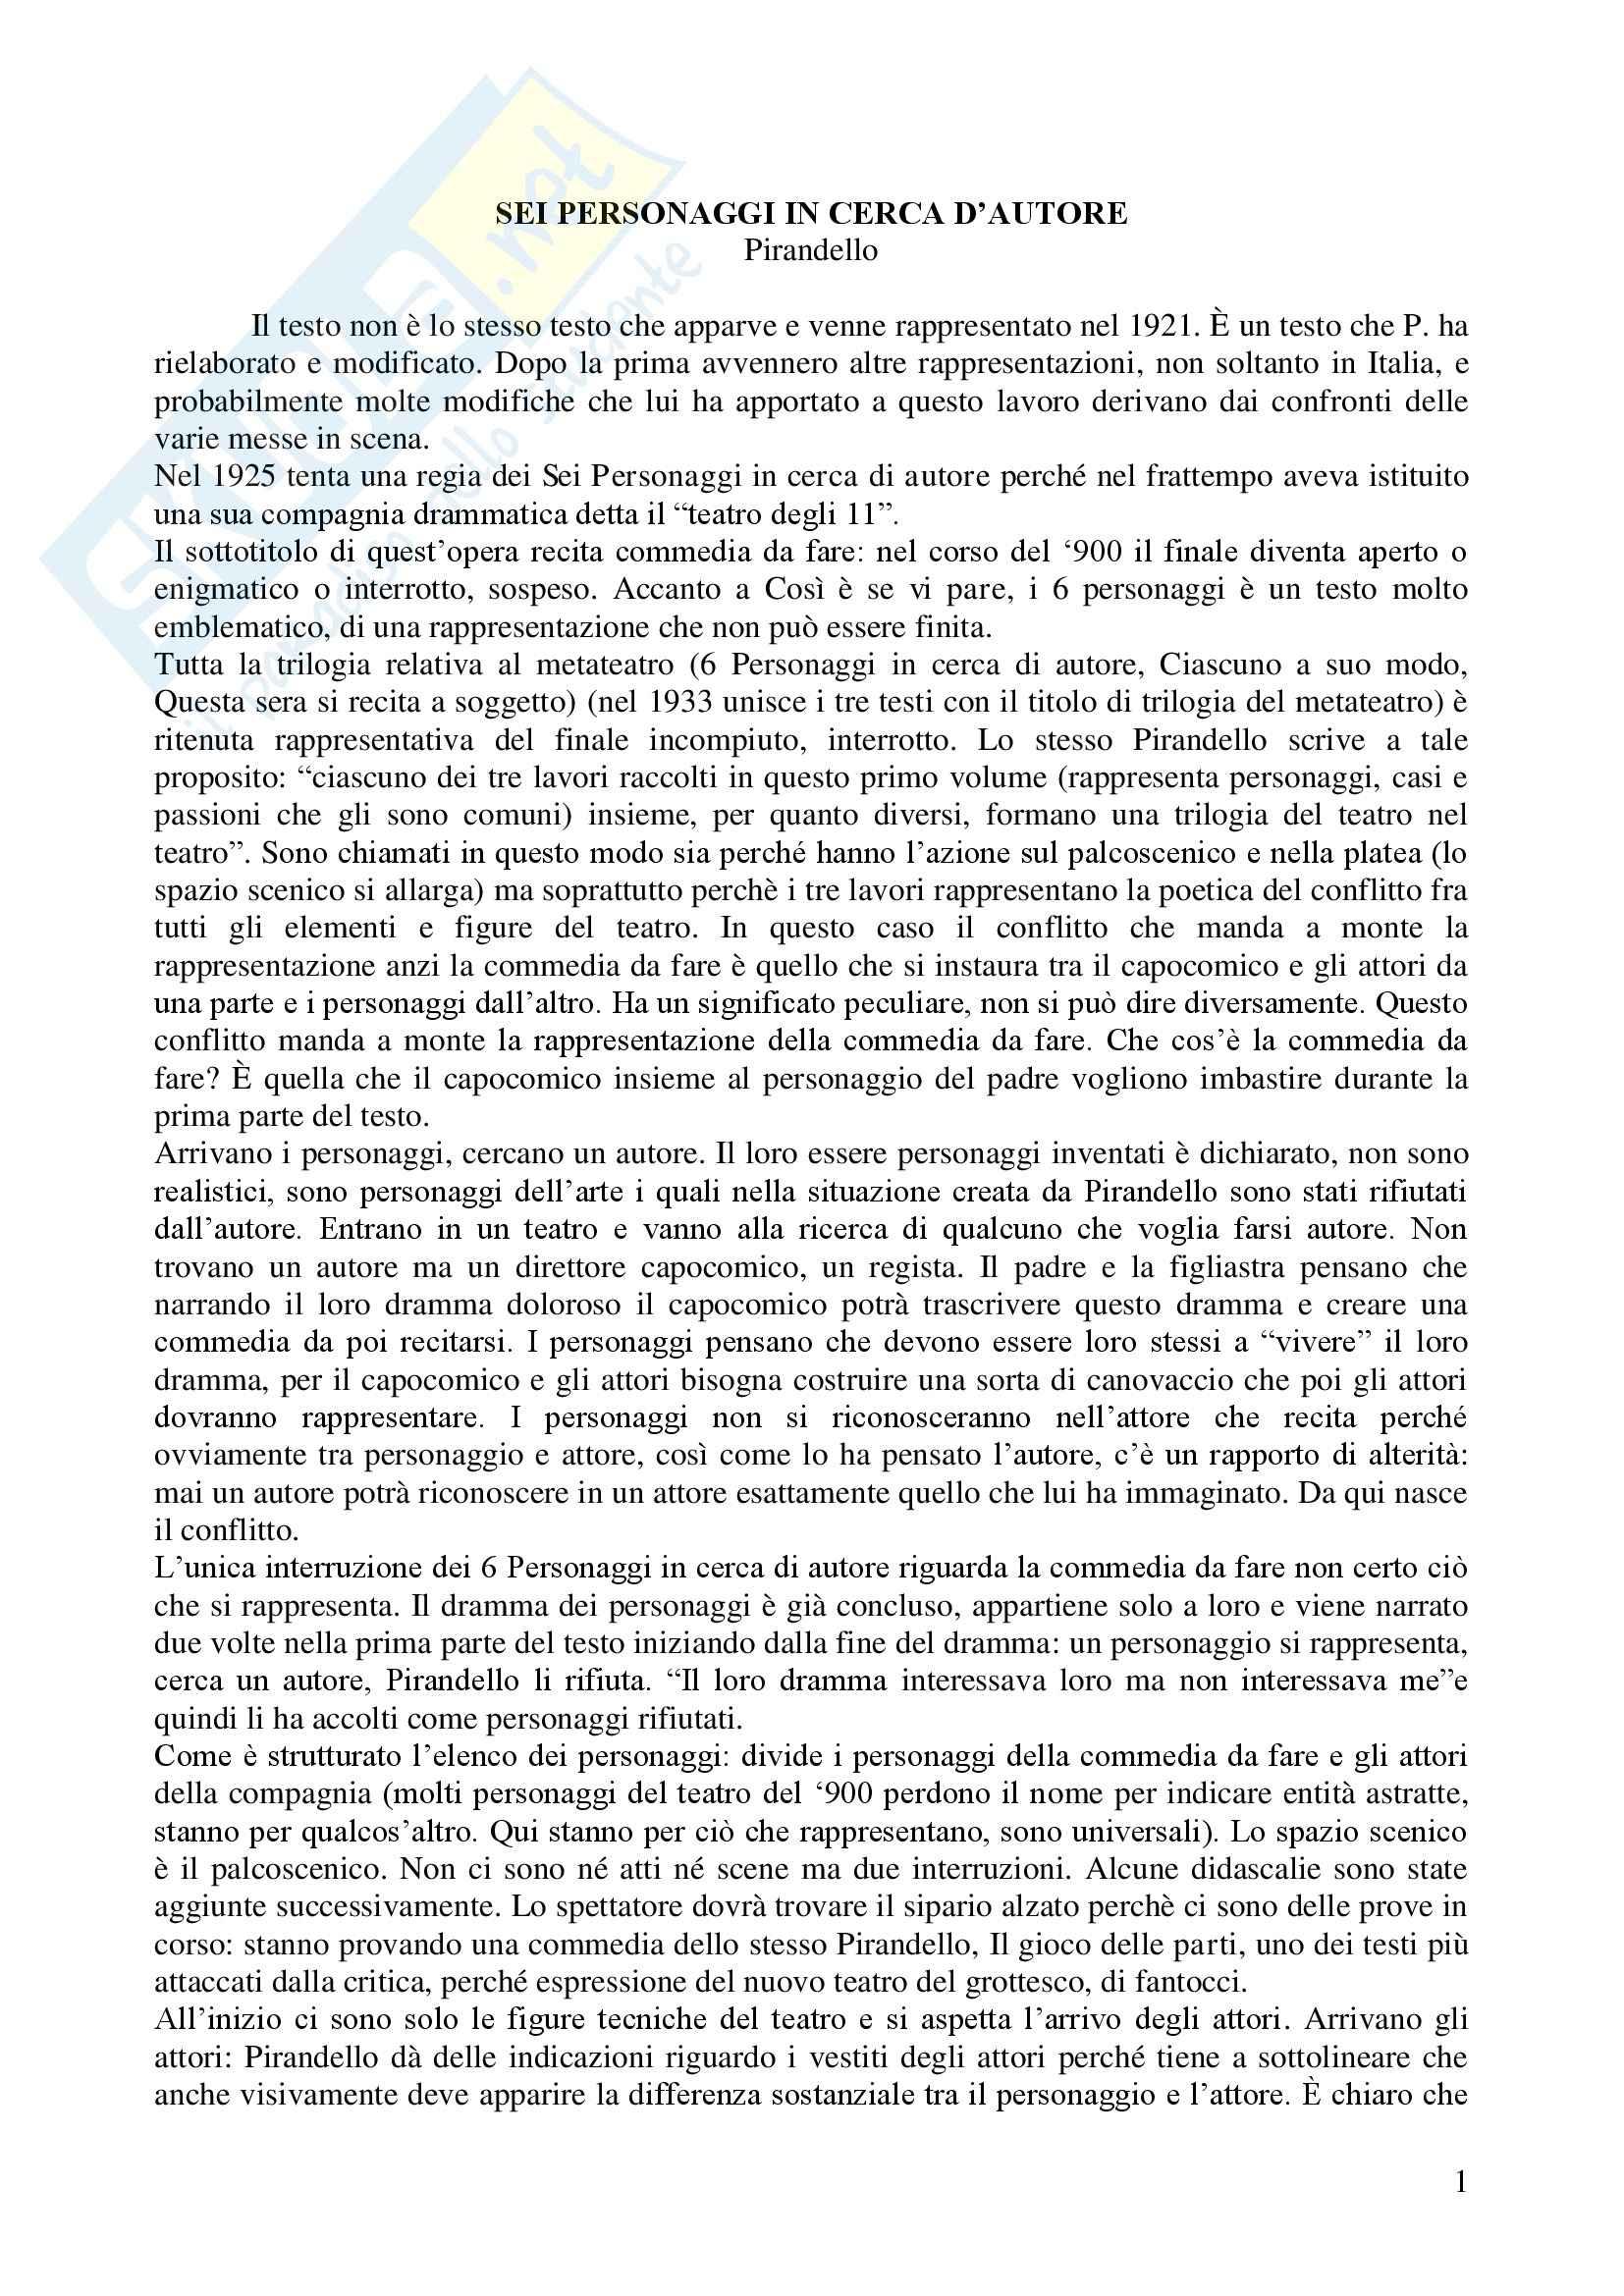 Letteratura teatrale italiana - Sei personaggi in cerca d'autore